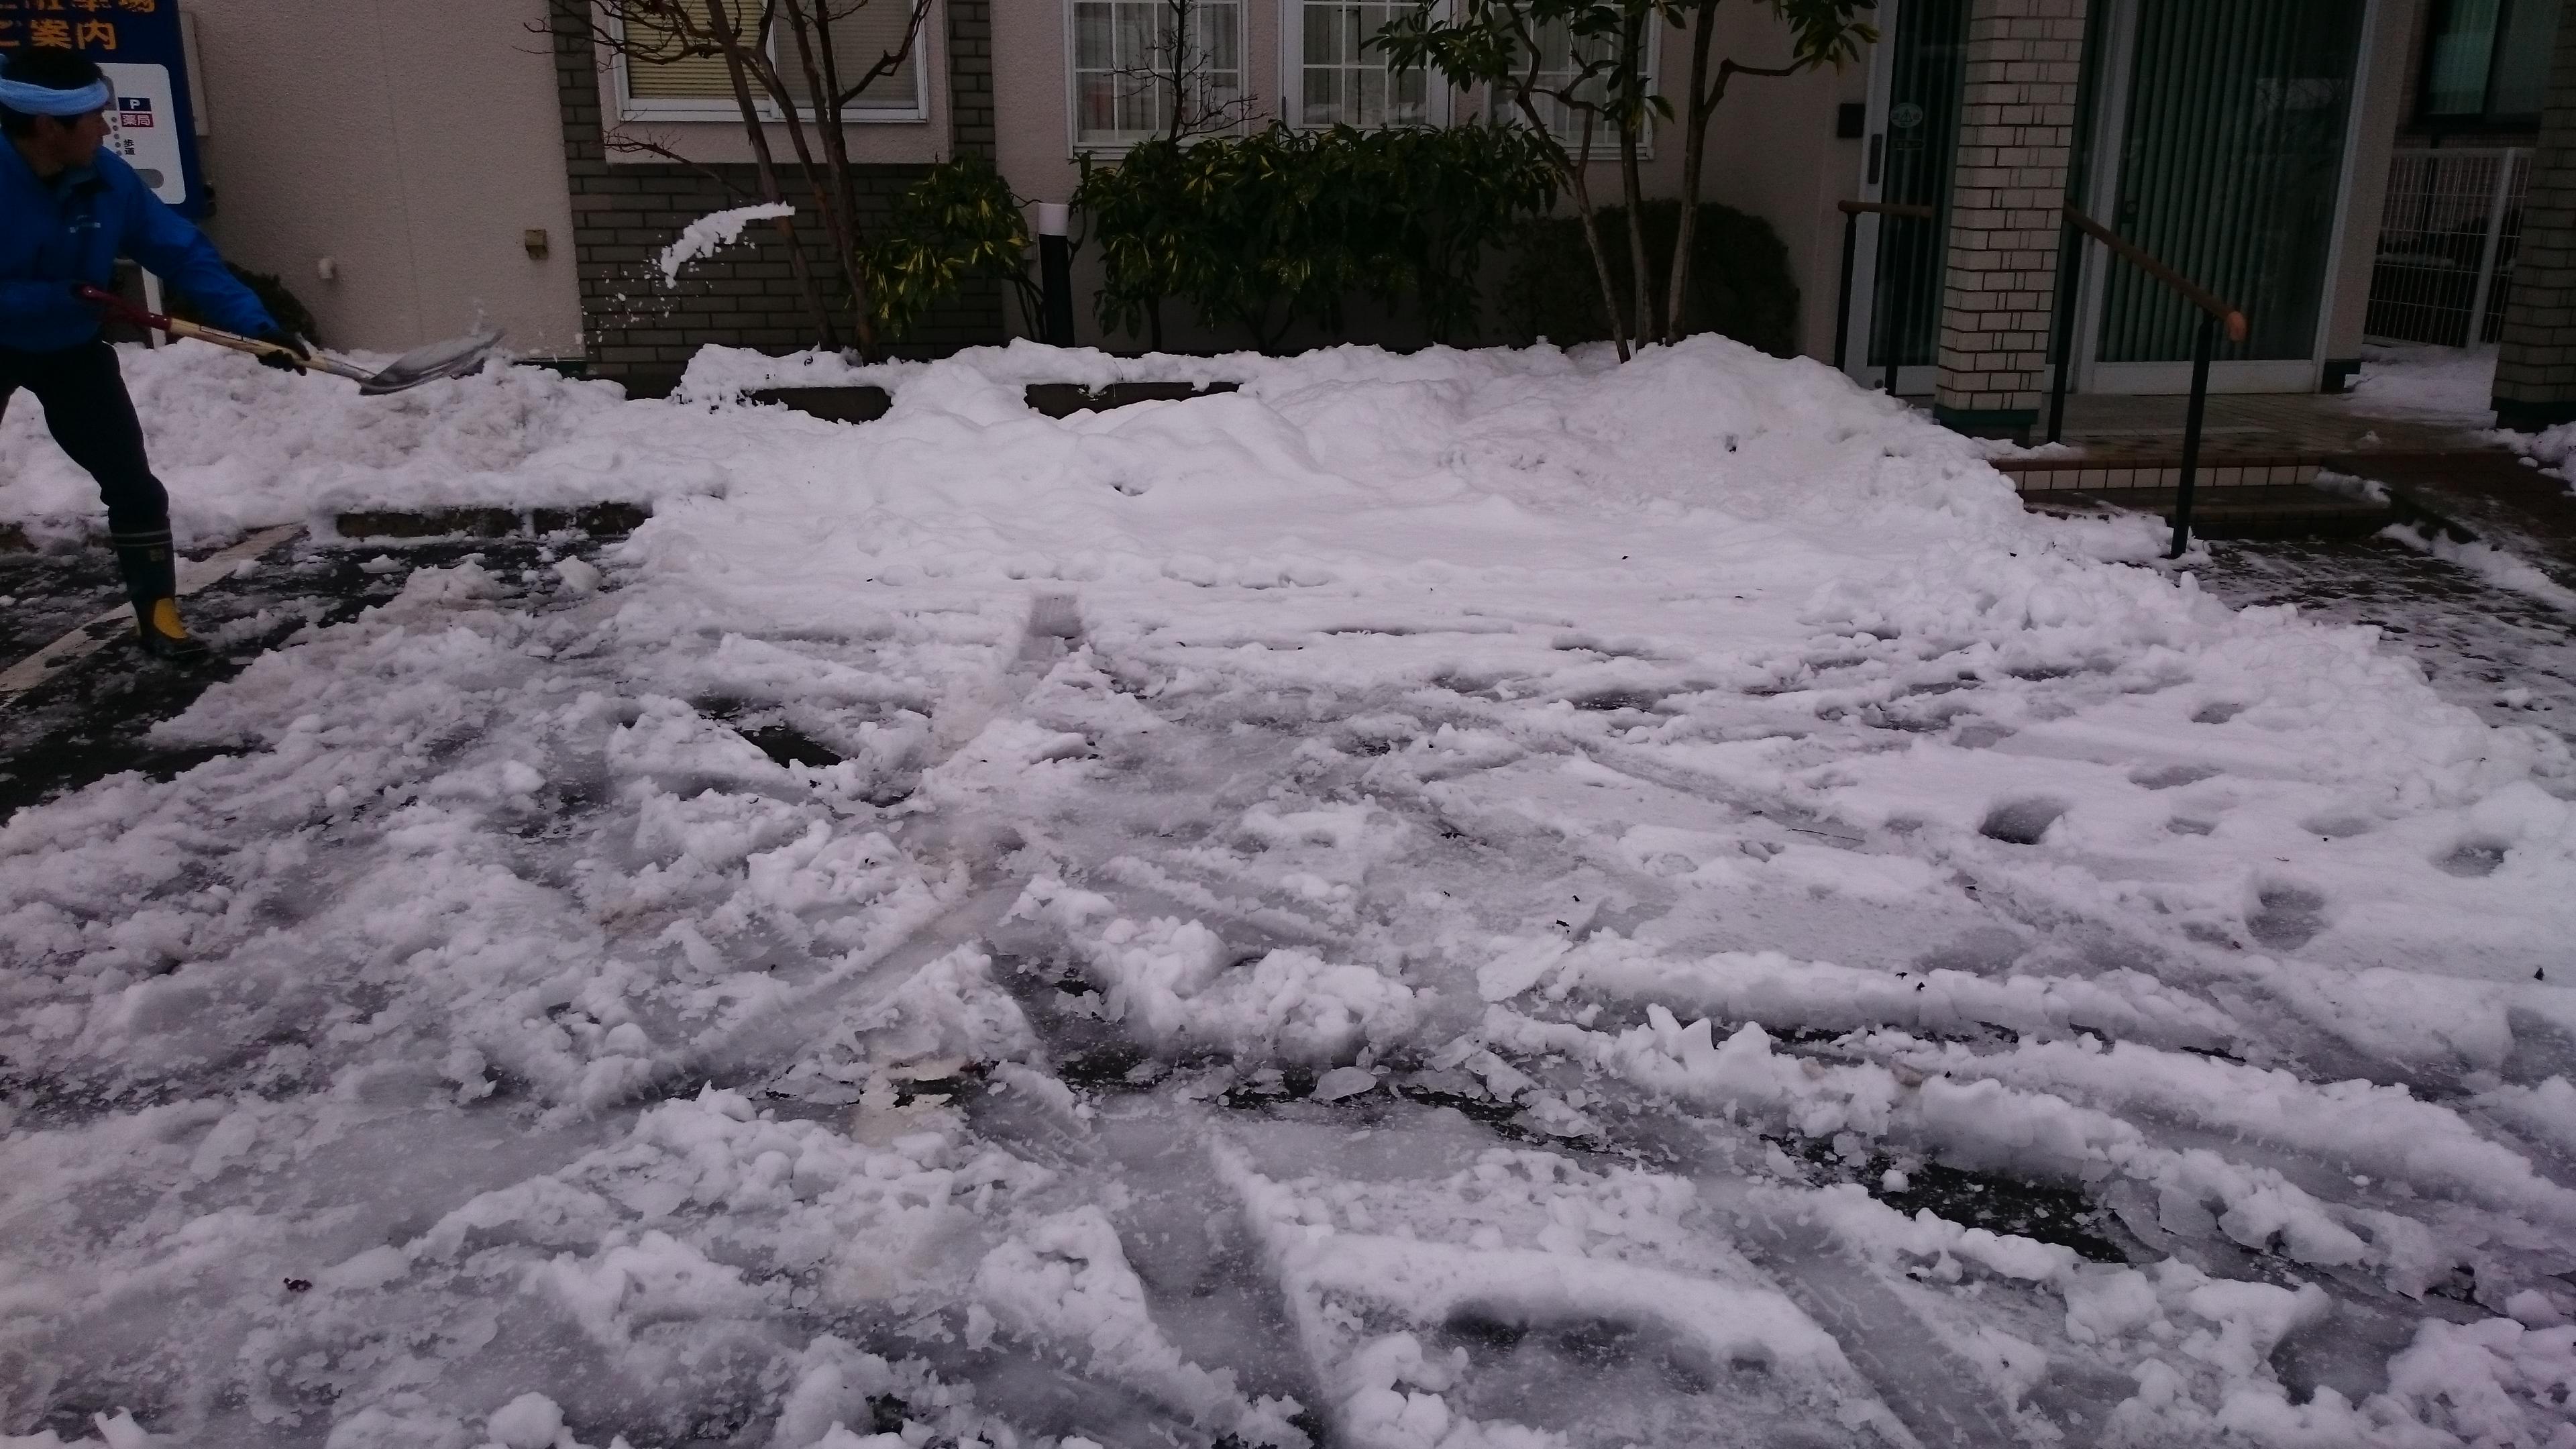 積もって溶けてシャーベット状になって凍った雪